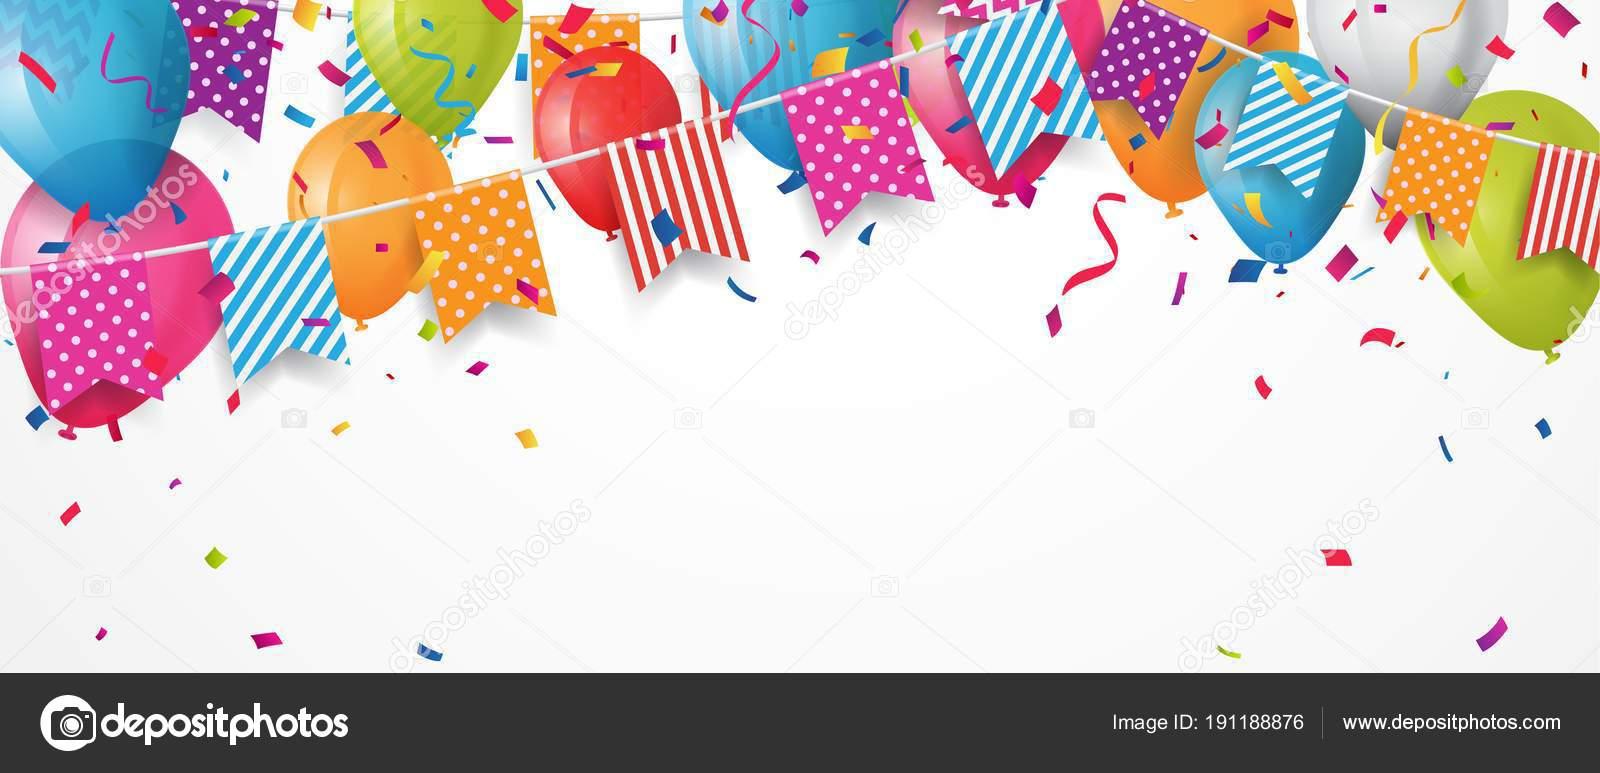 Imagenes Coloridas De Fondo: Imágenes: Tarjeta De Cumpleaños